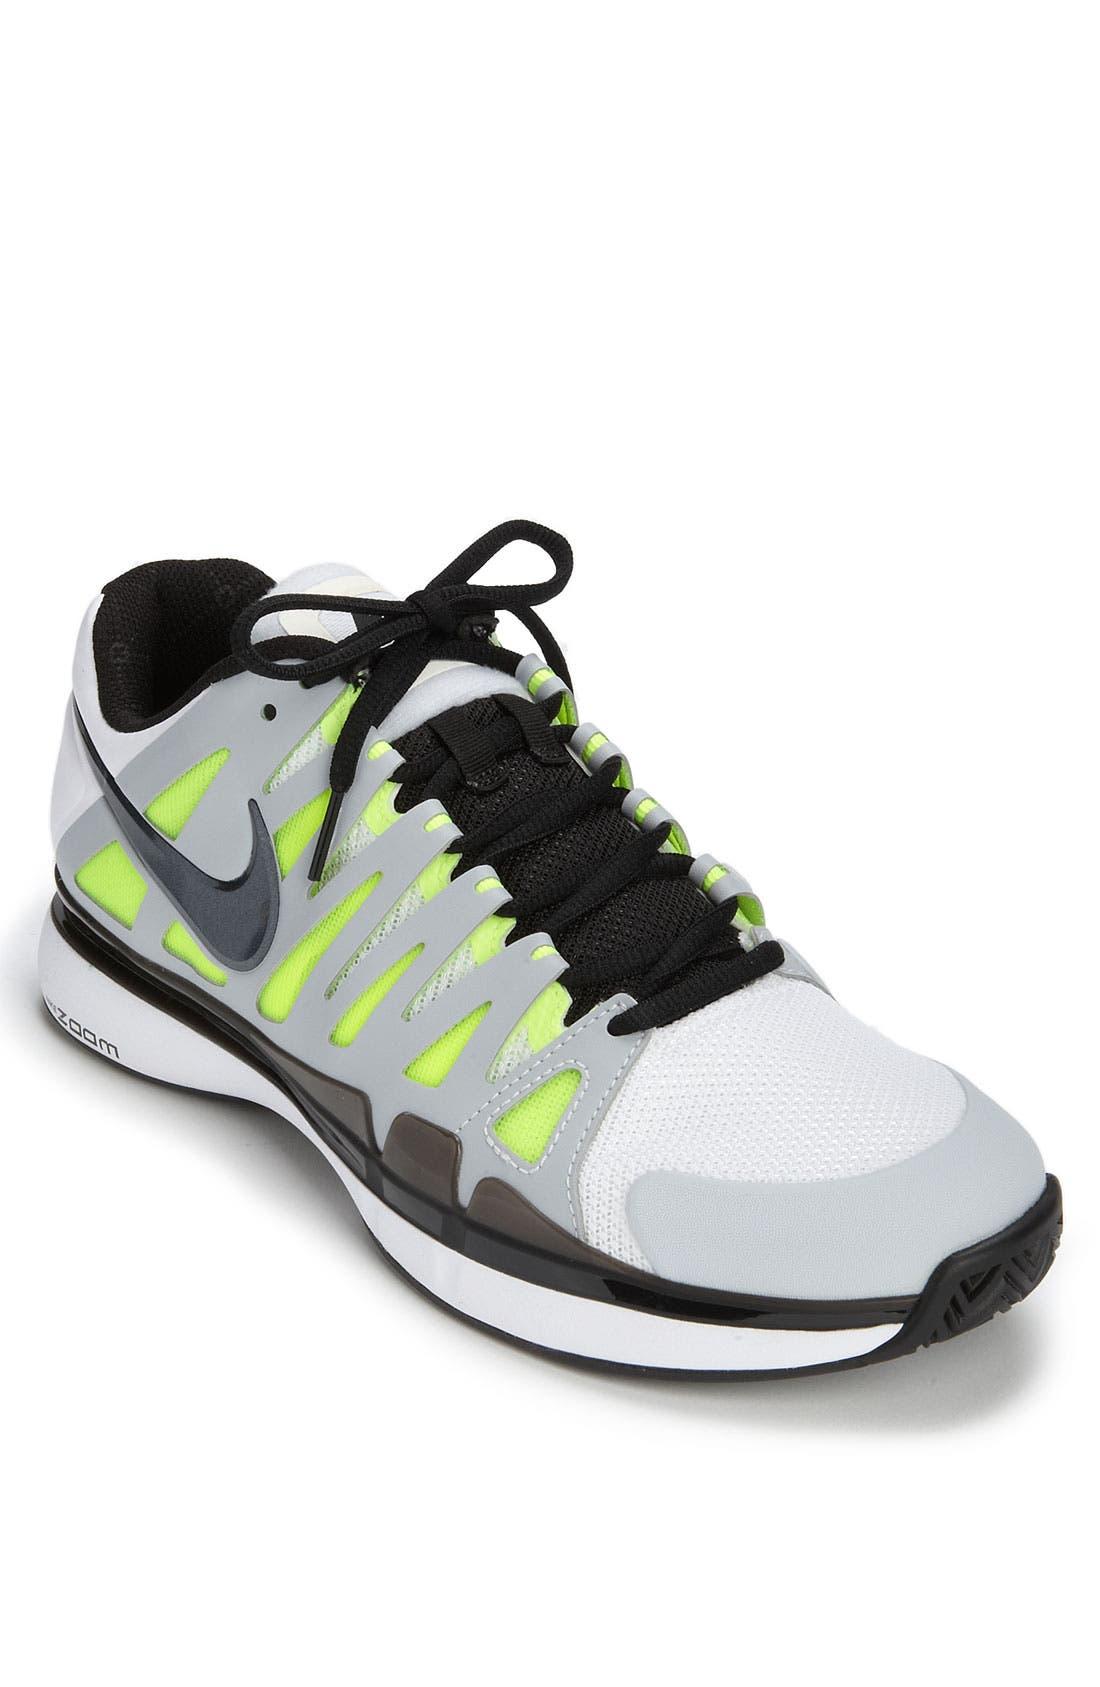 Alternate Image 1 Selected - Nike 'Zoom Vapor 9 Tour' Tennis Shoe (Men)